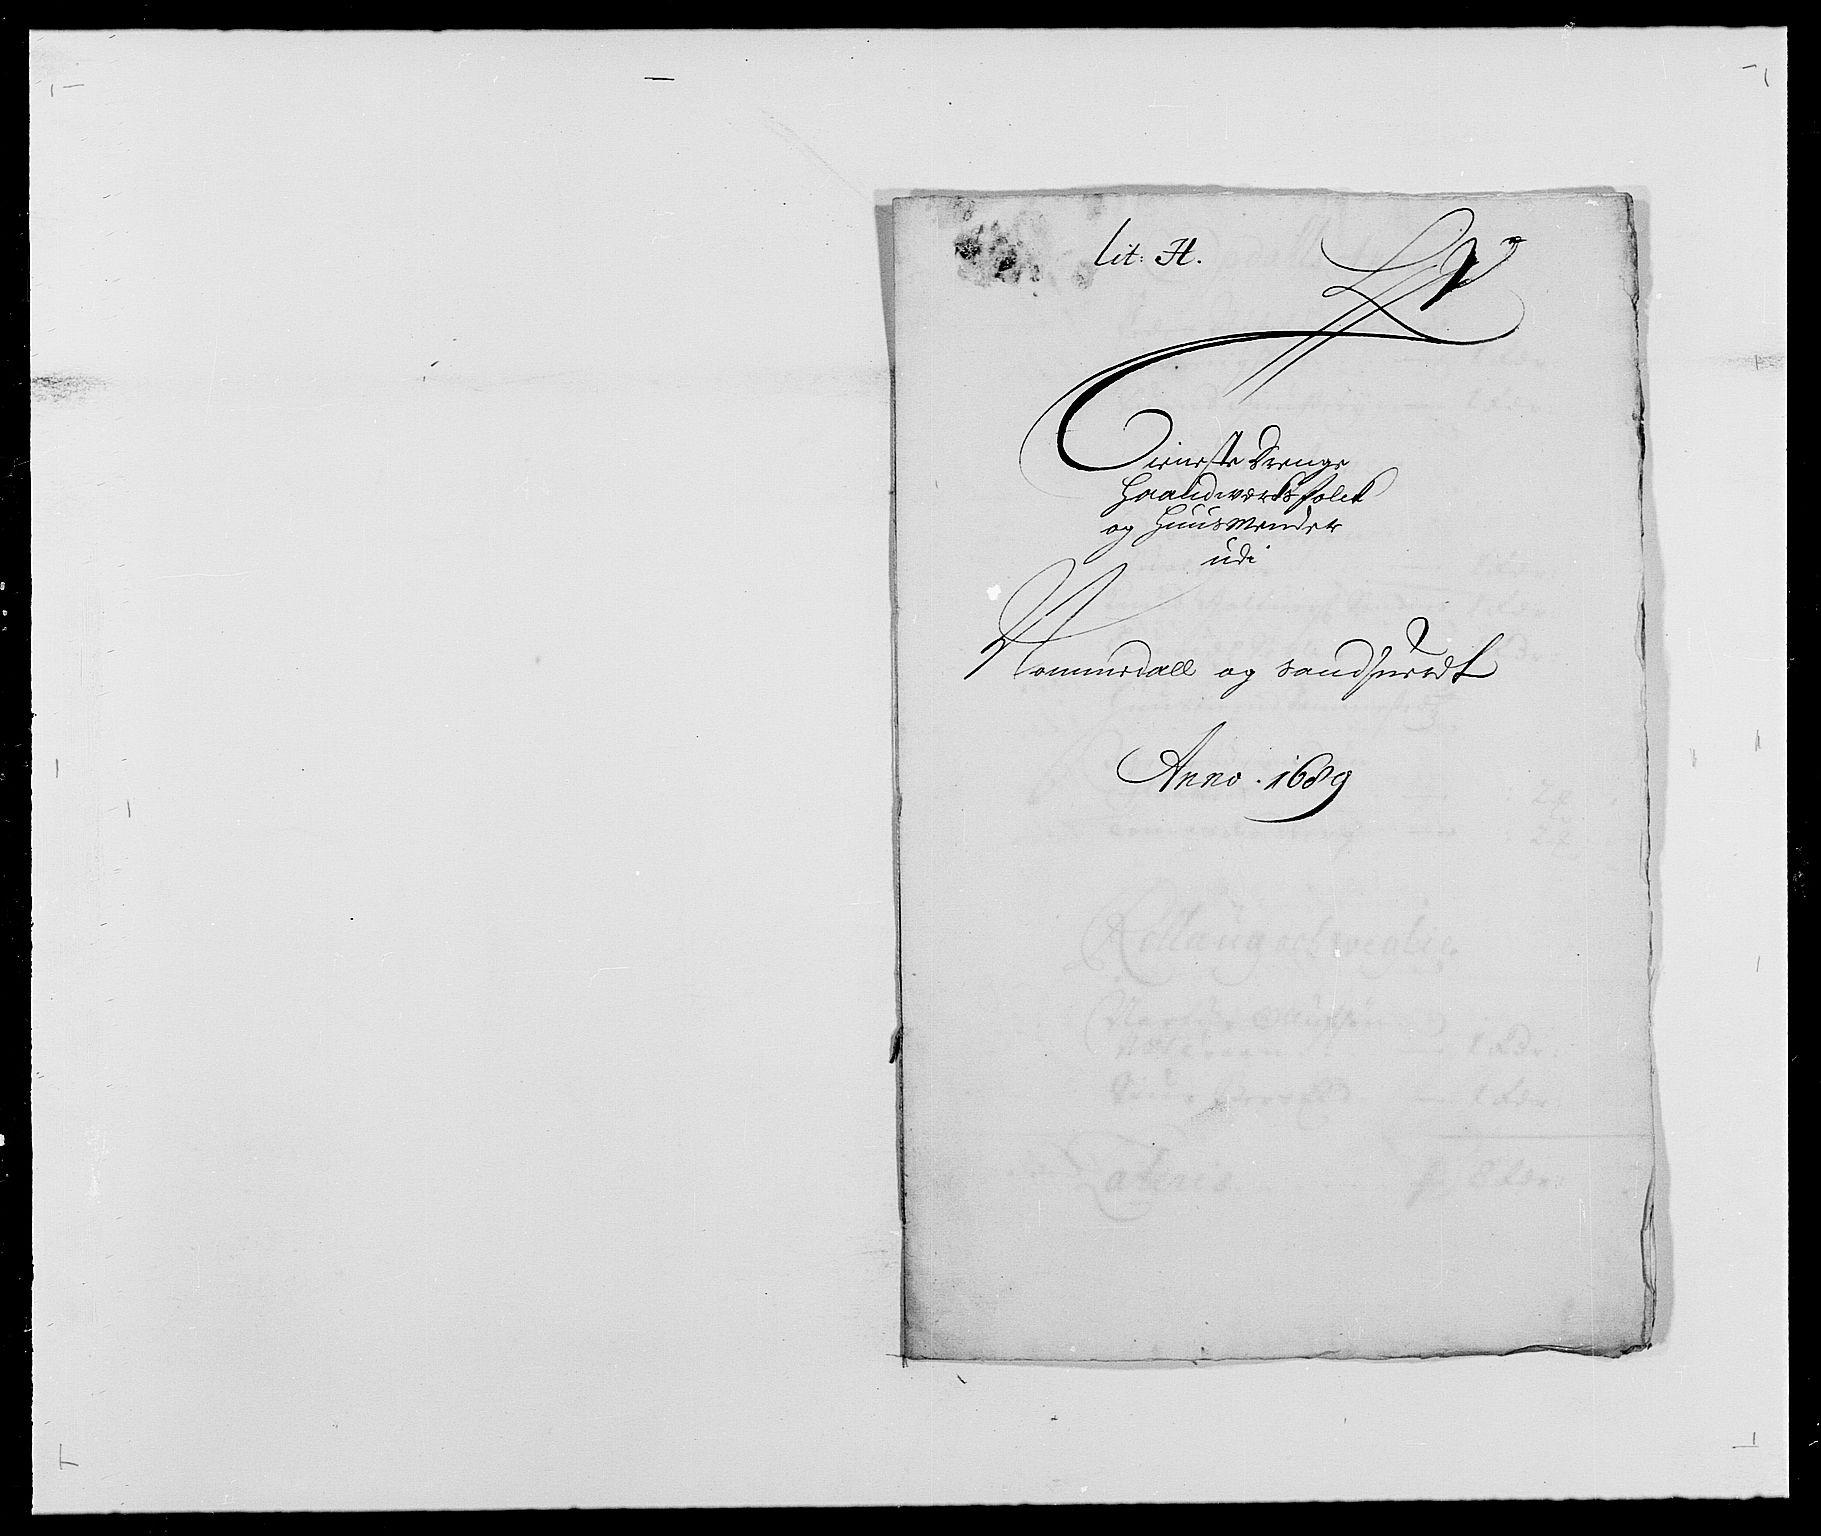 RA, Rentekammeret inntil 1814, Reviderte regnskaper, Fogderegnskap, R24/L1573: Fogderegnskap Numedal og Sandsvær, 1687-1691, s. 400